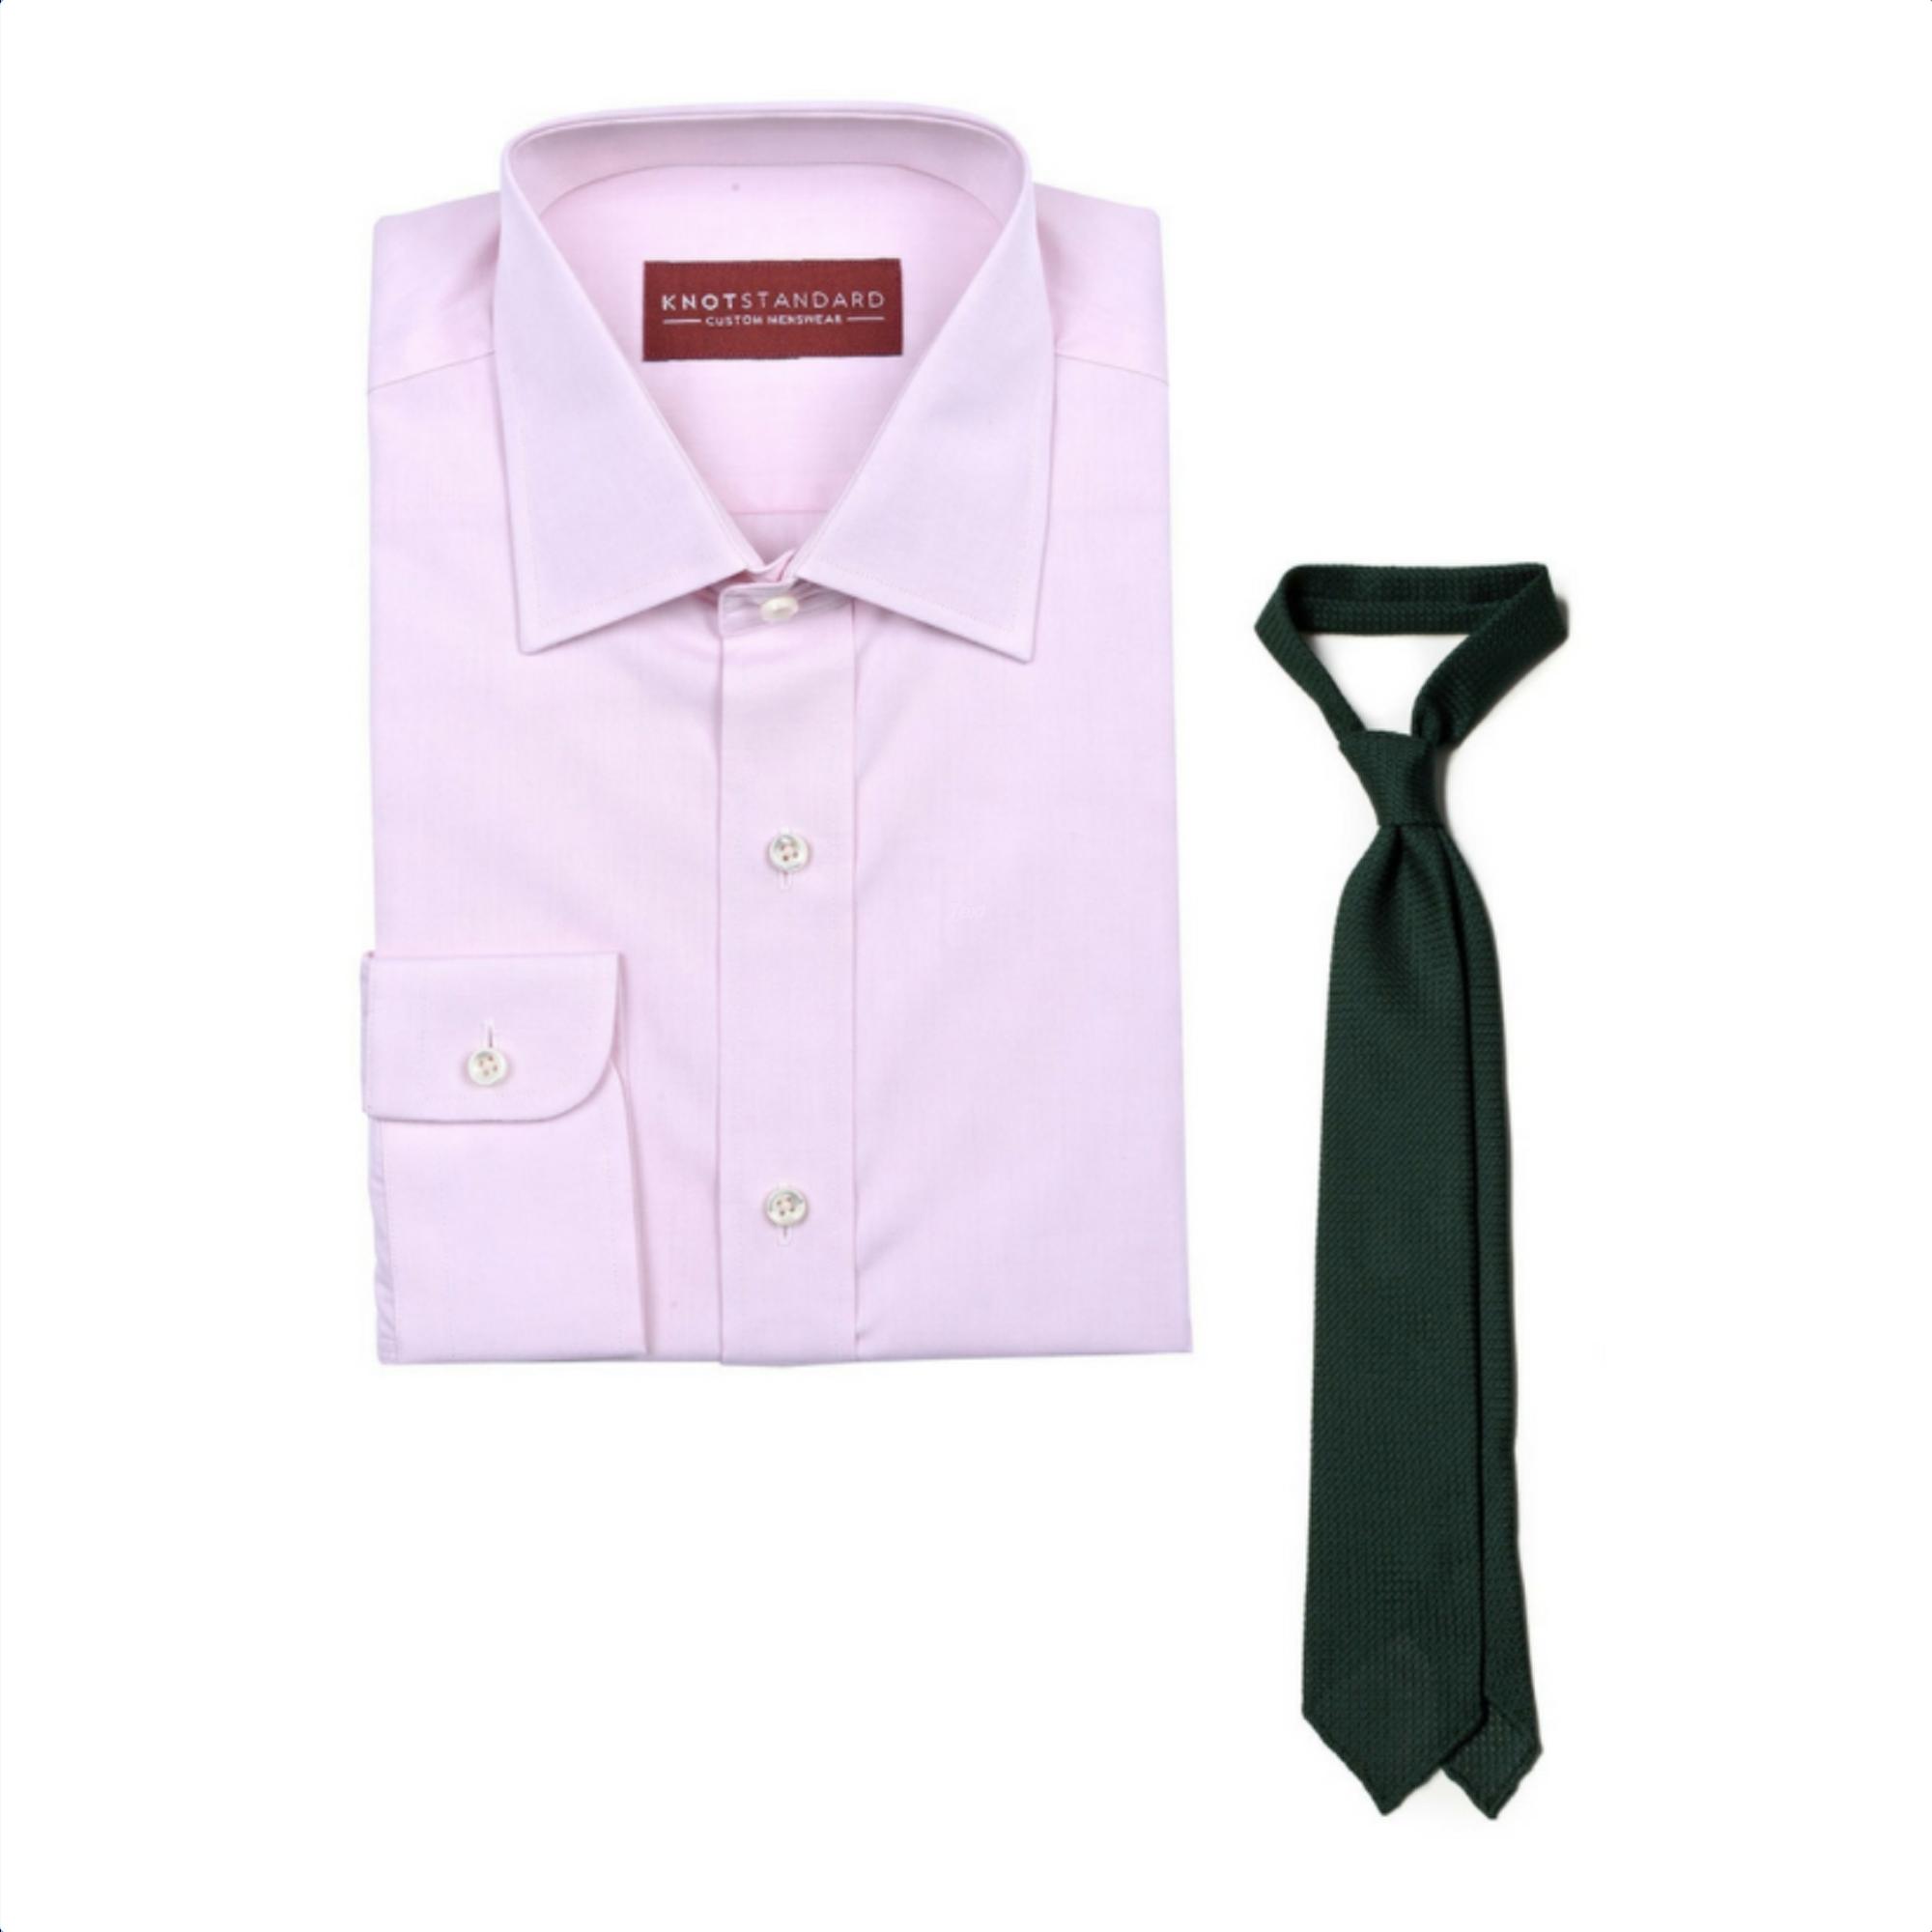 Knot Standard Shirt & Tie Combo